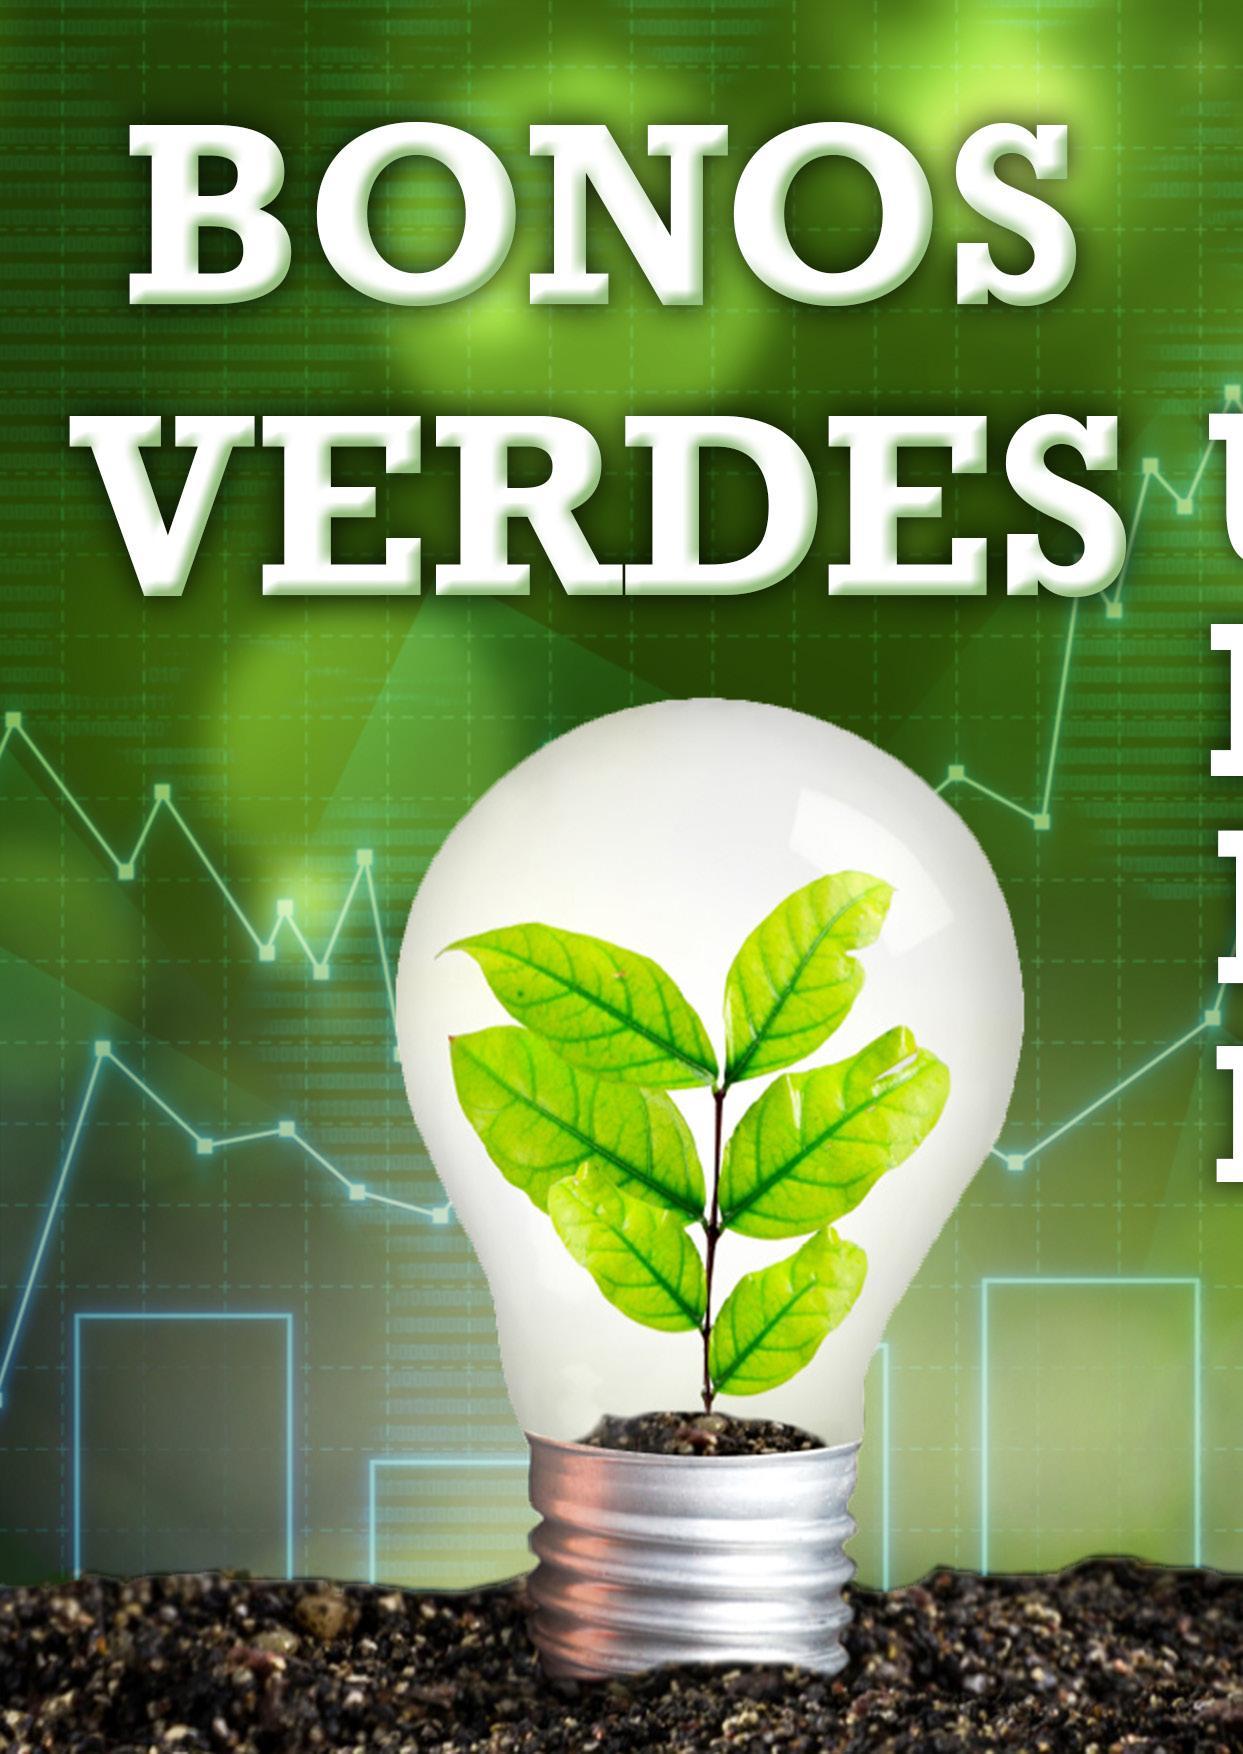 Page 50 of Bonos verdes, un mercado en expansión MARÍA FERNANDA HERNÁNDEZ